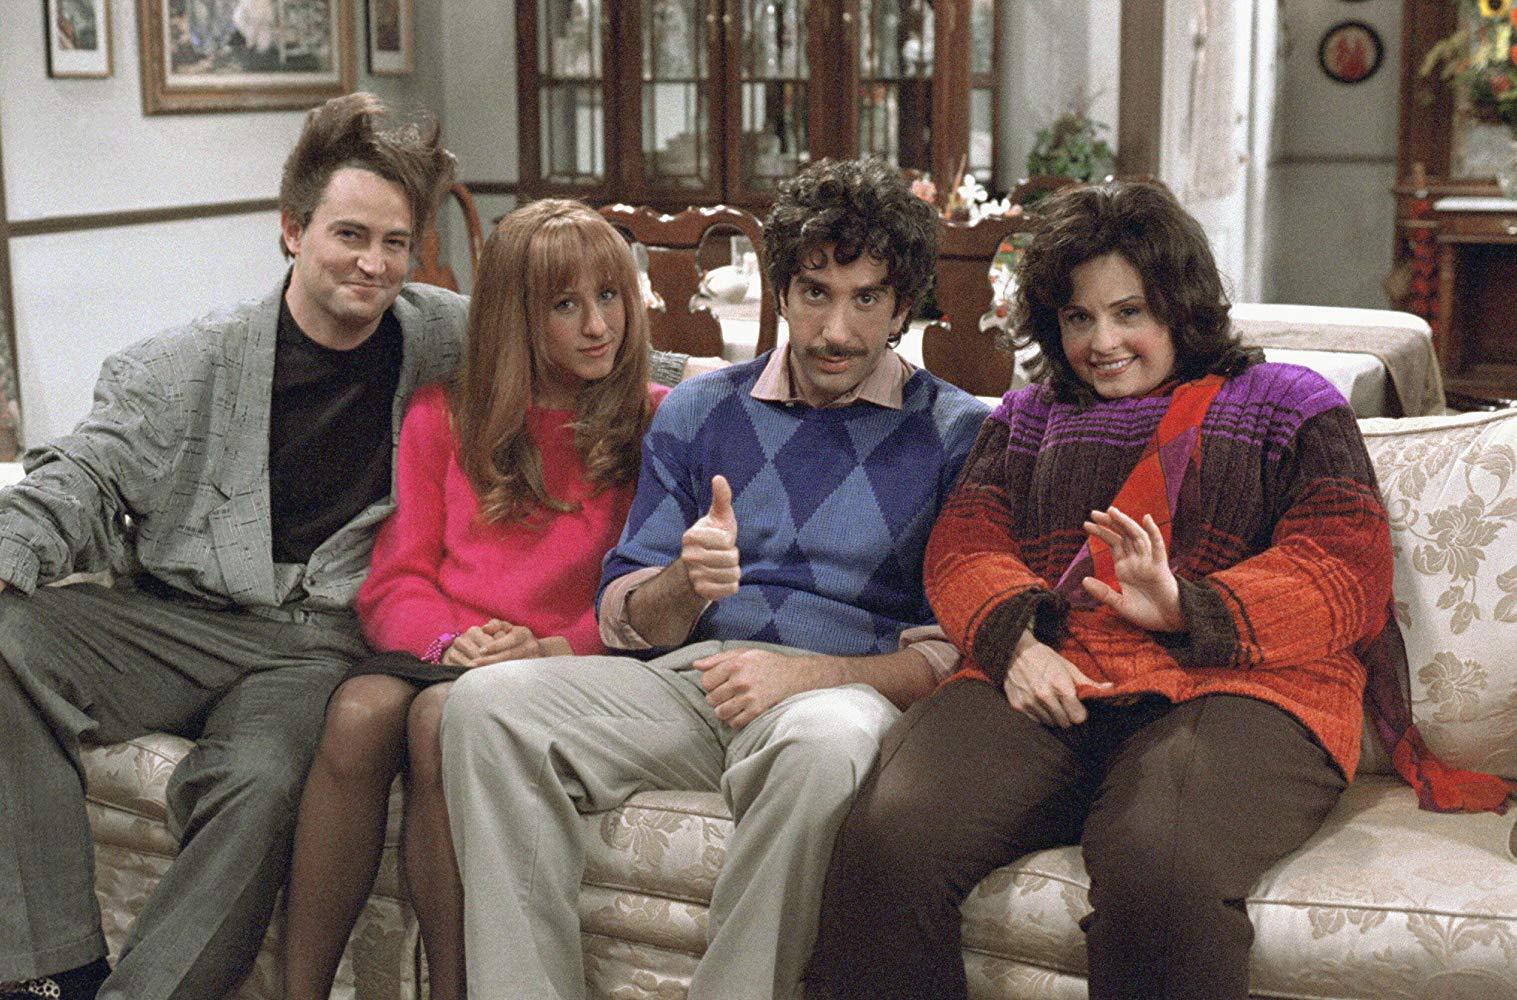 """La revista Time nombró a """"Friends"""" dentro de los 100 mejores programas de la televisión de todos los tiempos"""